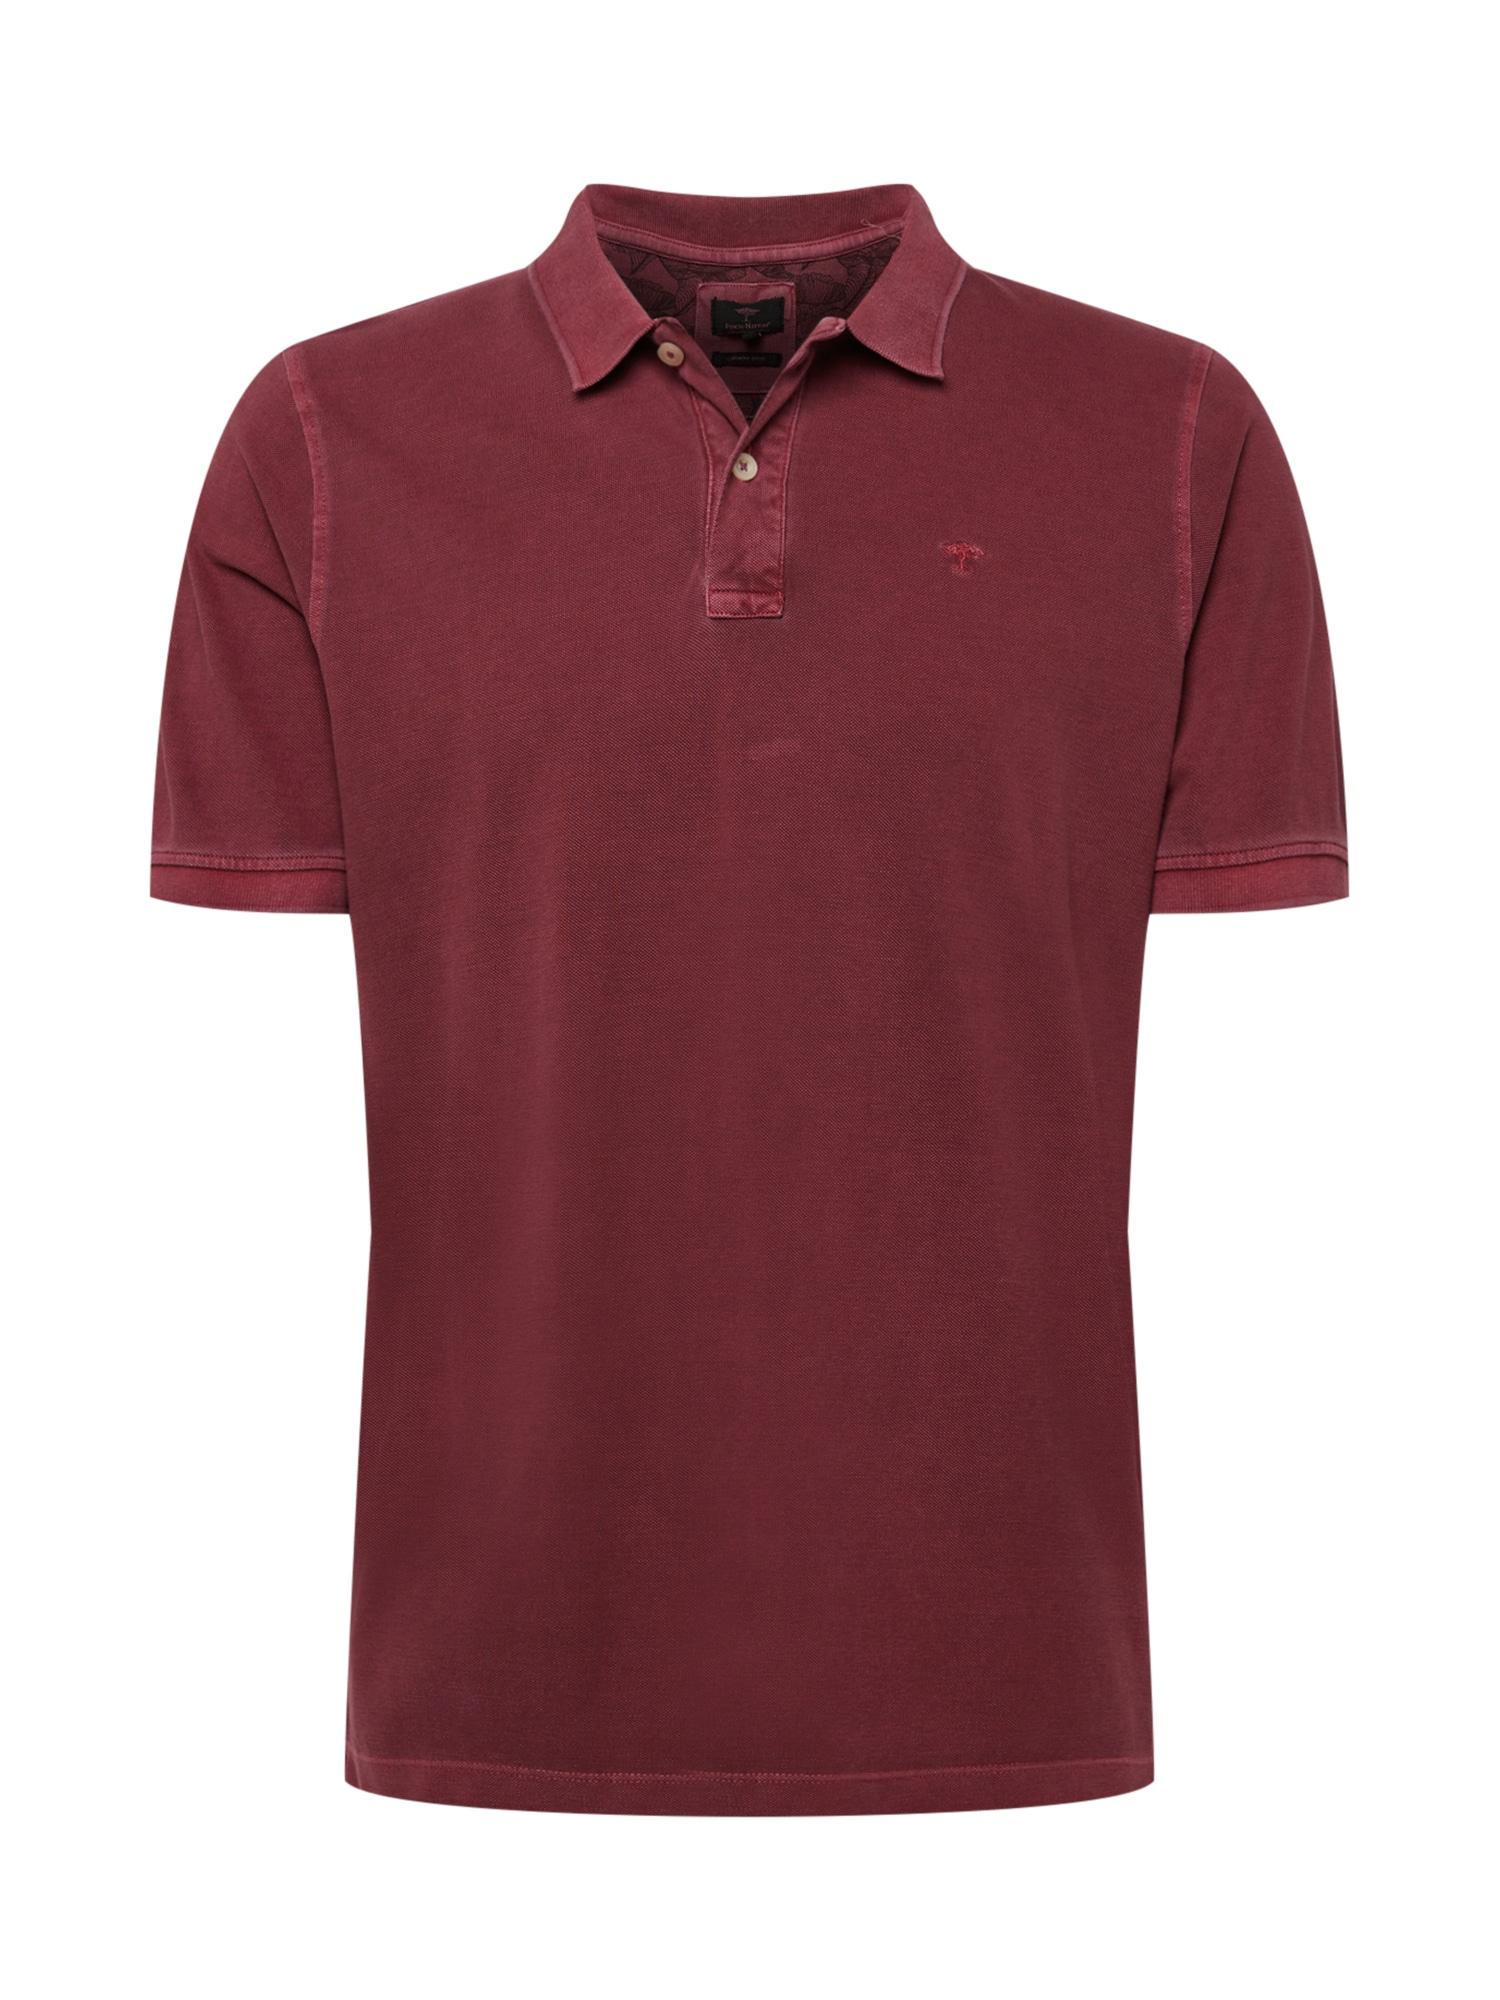 FYNCH-HATTON Marškinėliai skaisti avietinė ar rubino spalva